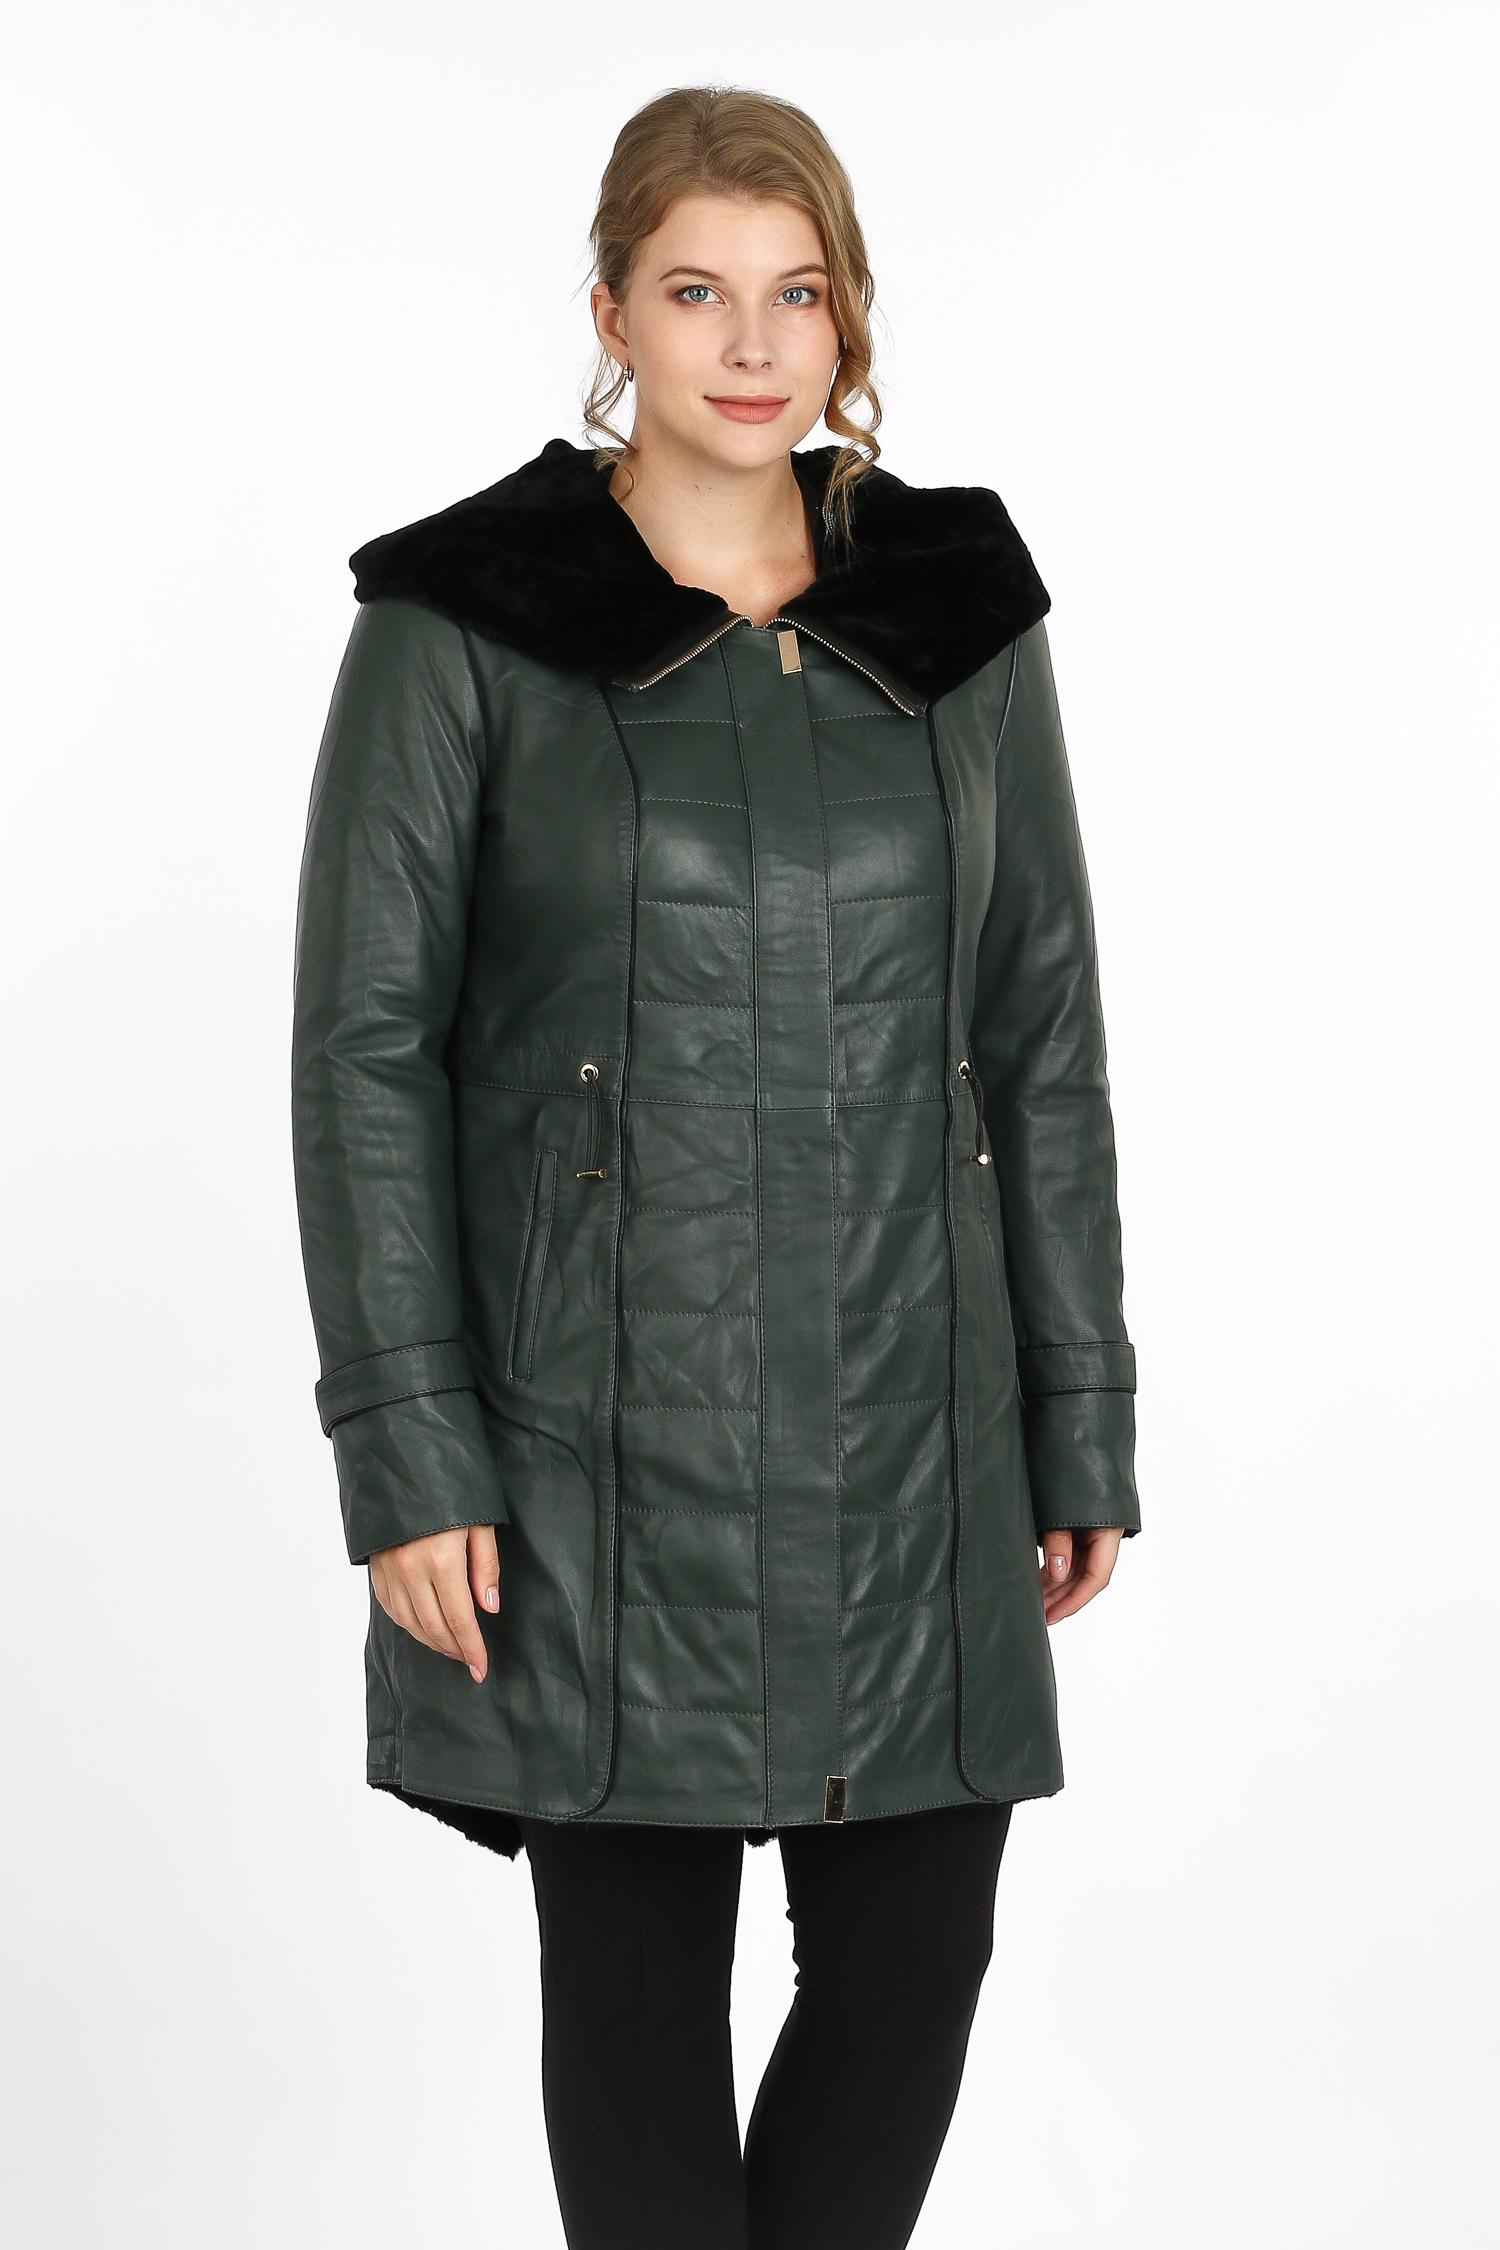 Купить Женское кожаное пальто из натуральной кожи на меху с капюшоном, без отделки, МОСМЕХА, зеленый, Кожа овчина, 3600168